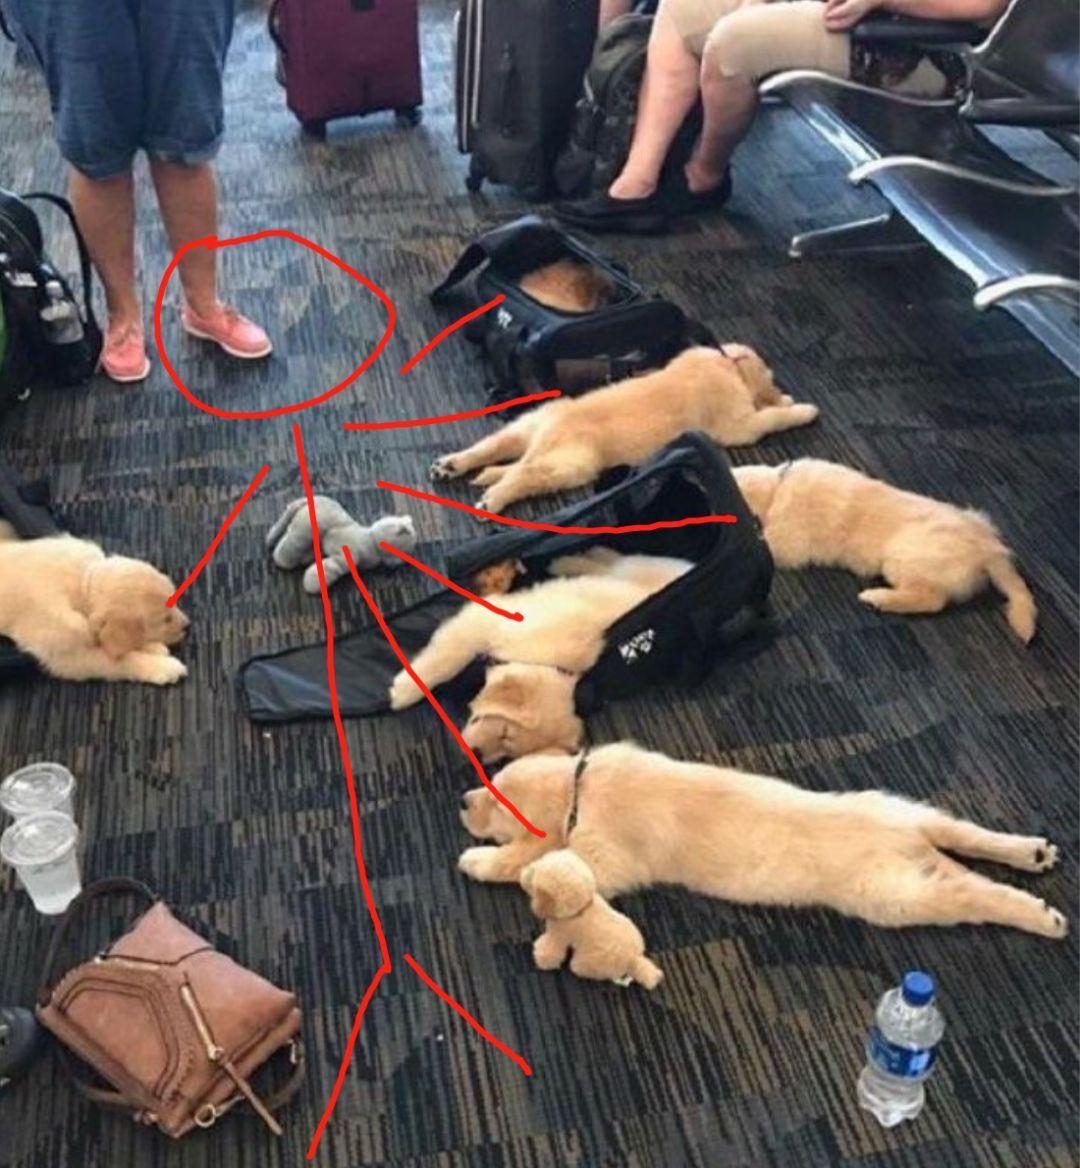 航班延误,一群旅客竟然躺在地上睡觉,这也太过分...萌了吧!